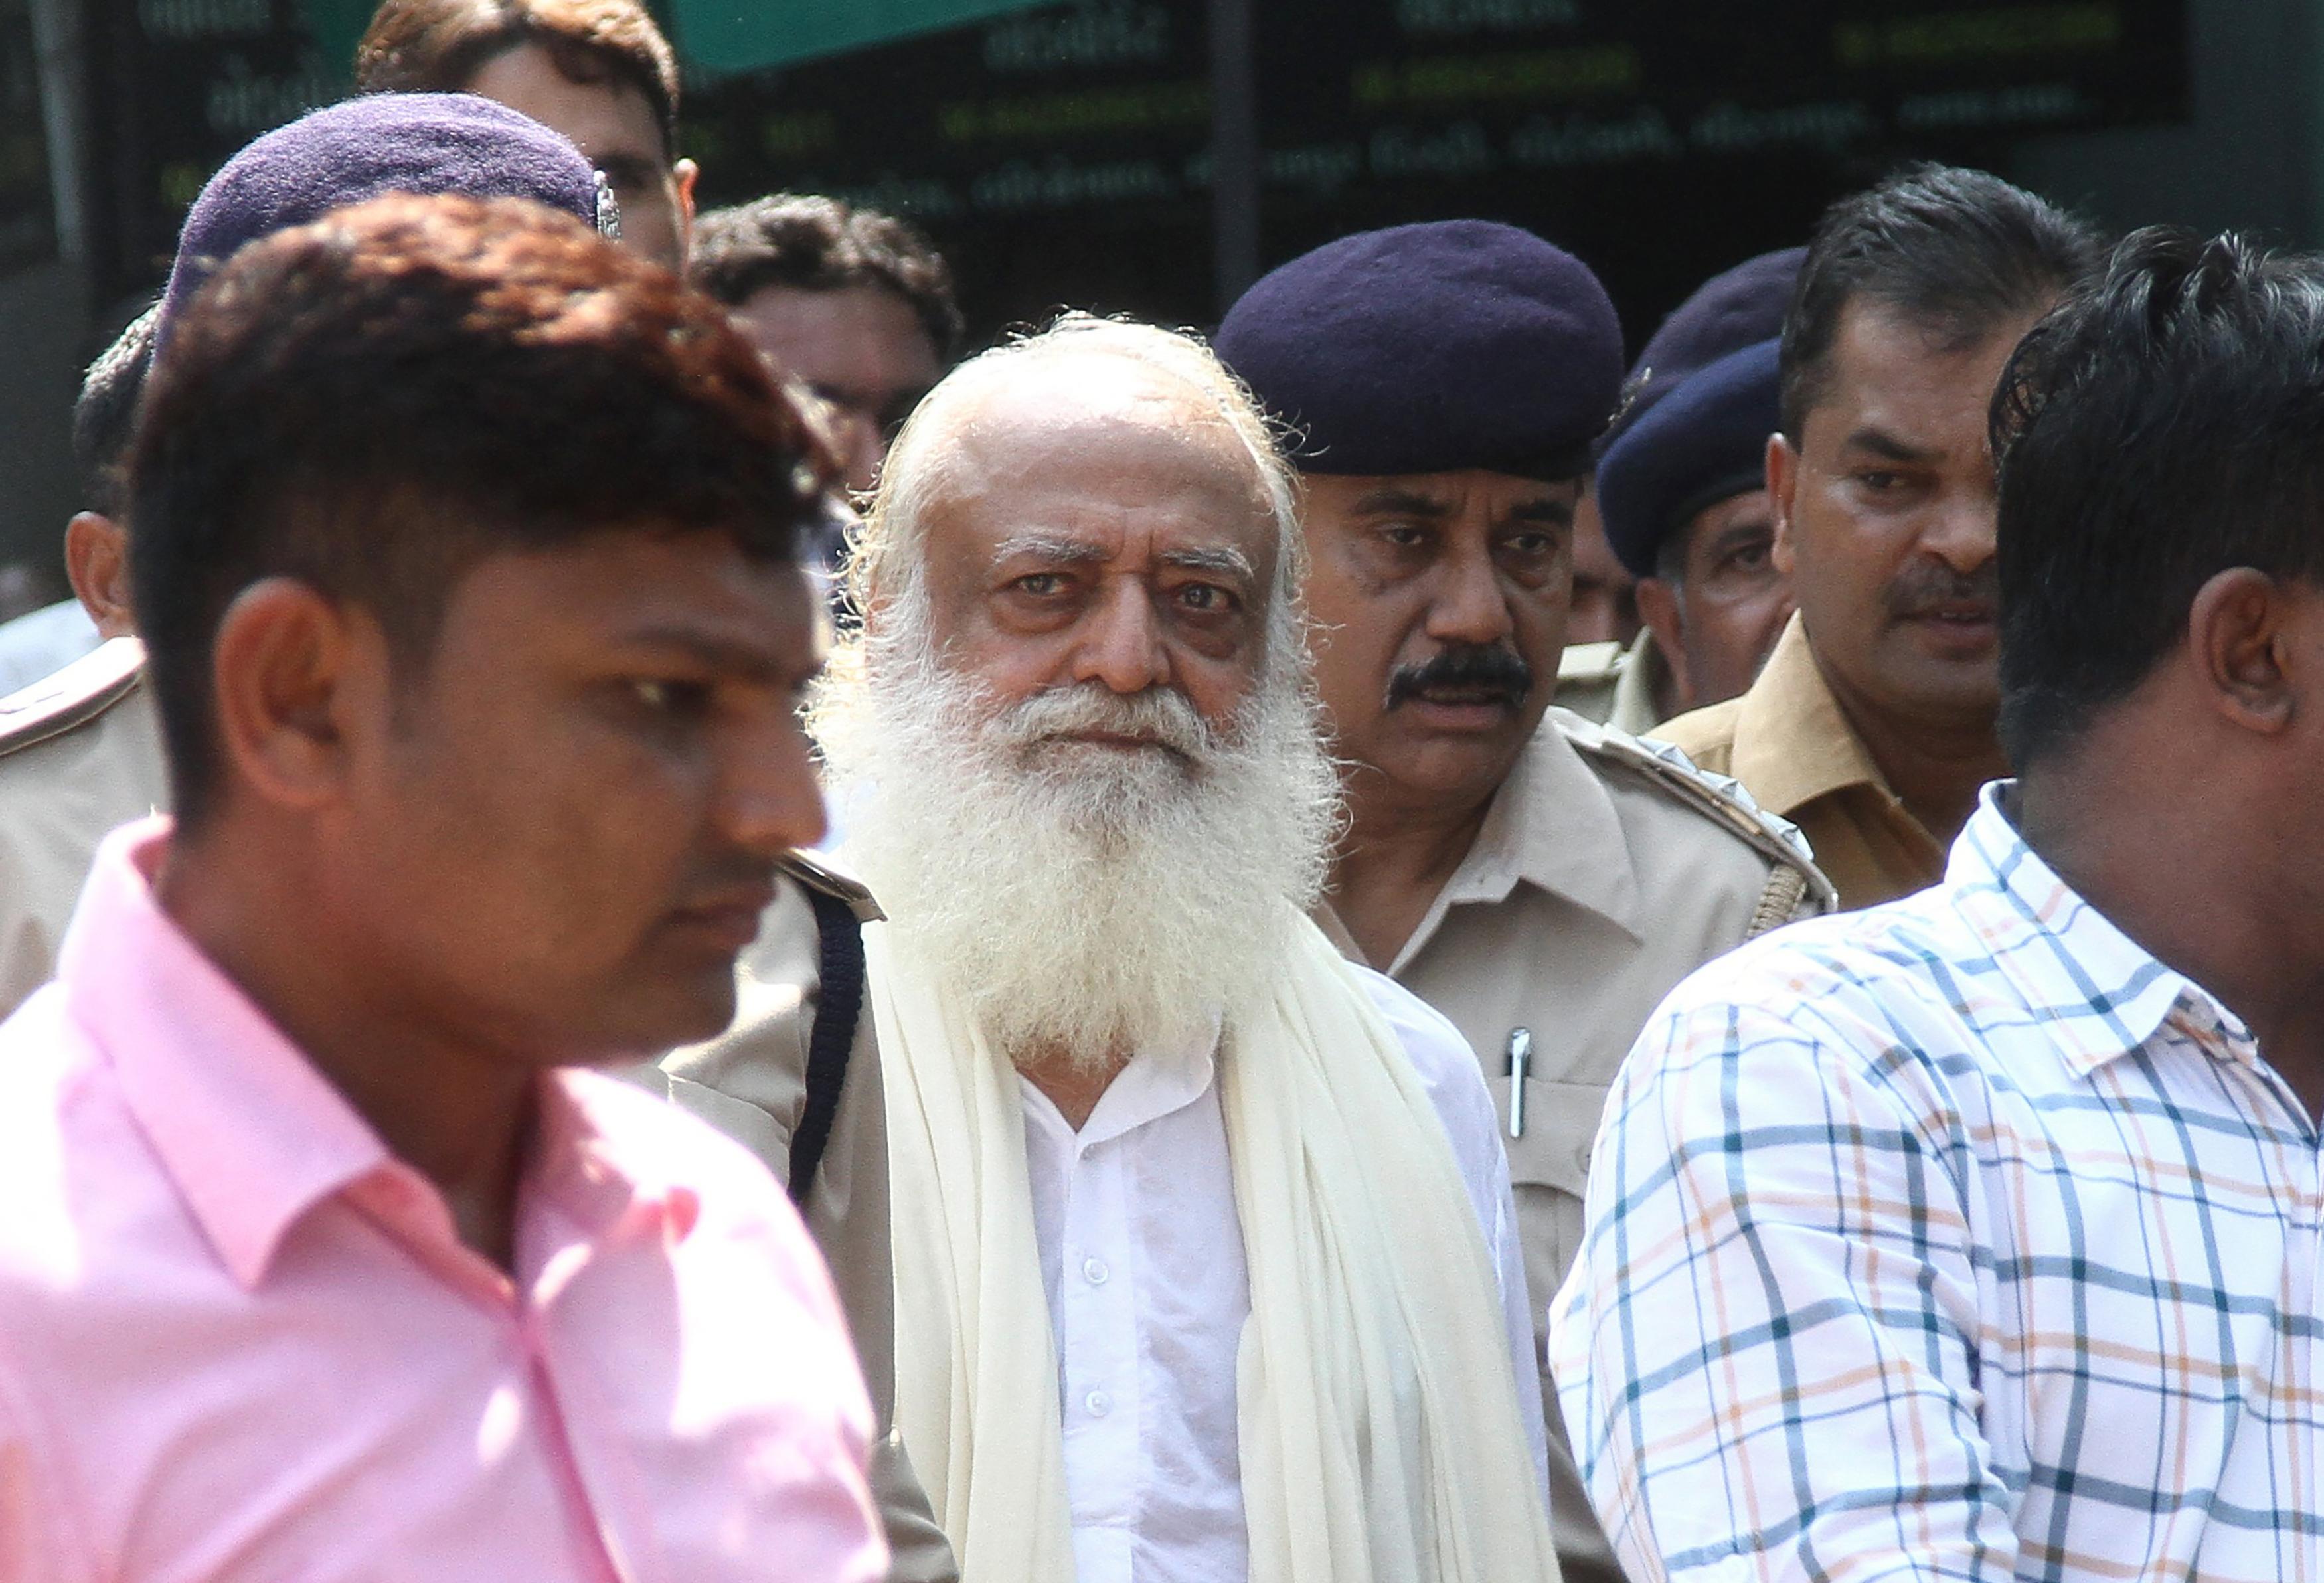 Influente guru indiano condenado a prisão perpétua por violação de adolescente - Advogado